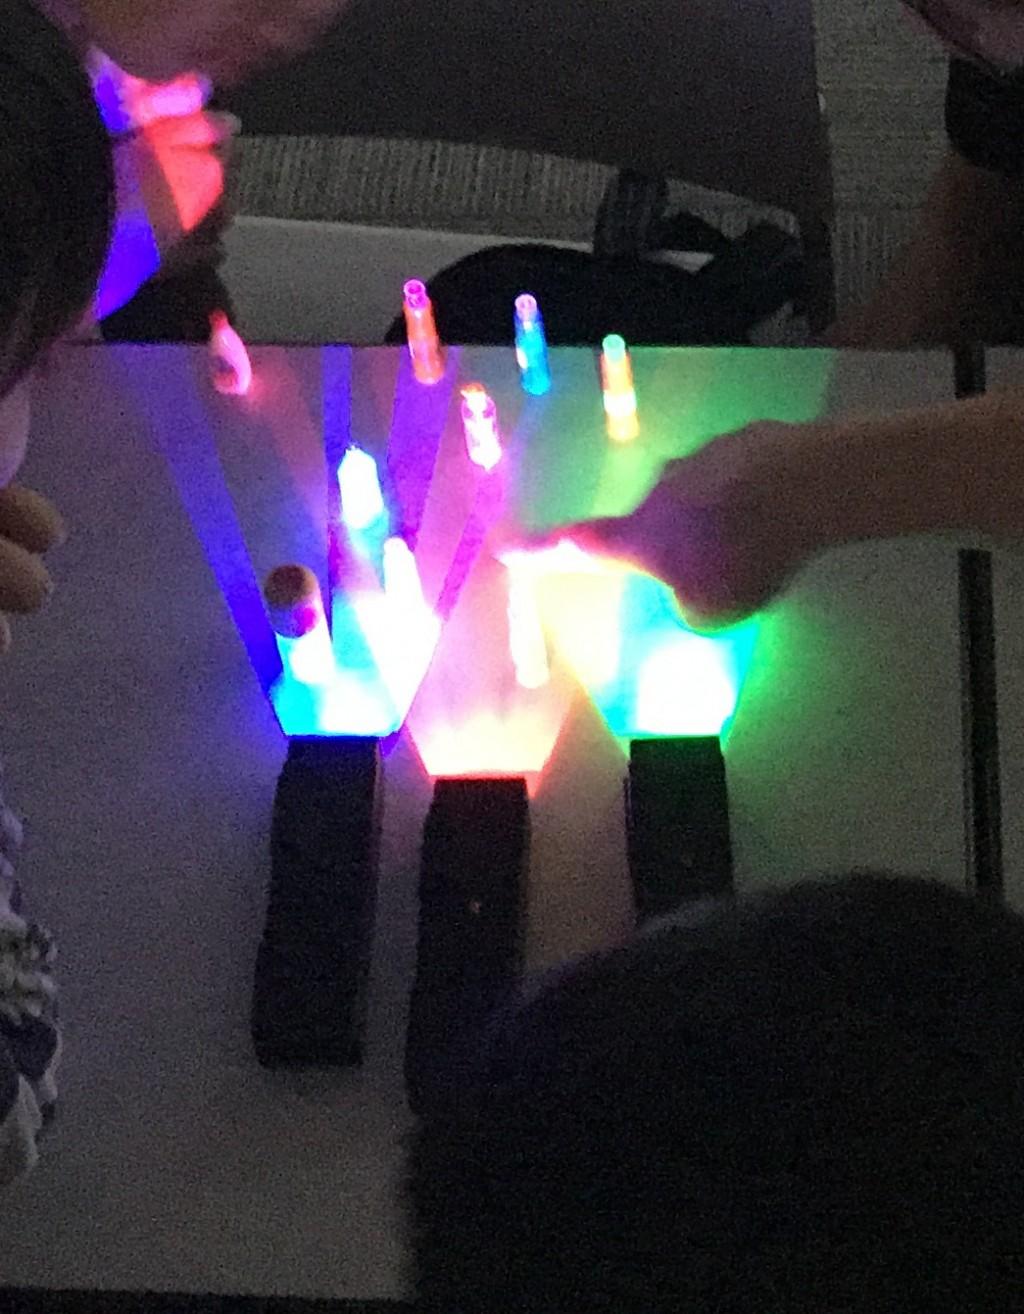 12月1日のサイエンスラボは光をテーマにした理科実験教室をご準備 いたしました。自然への興味・学び事の意義を感じ取ってもらえたらと思います。これは光の3原色についての実験です。